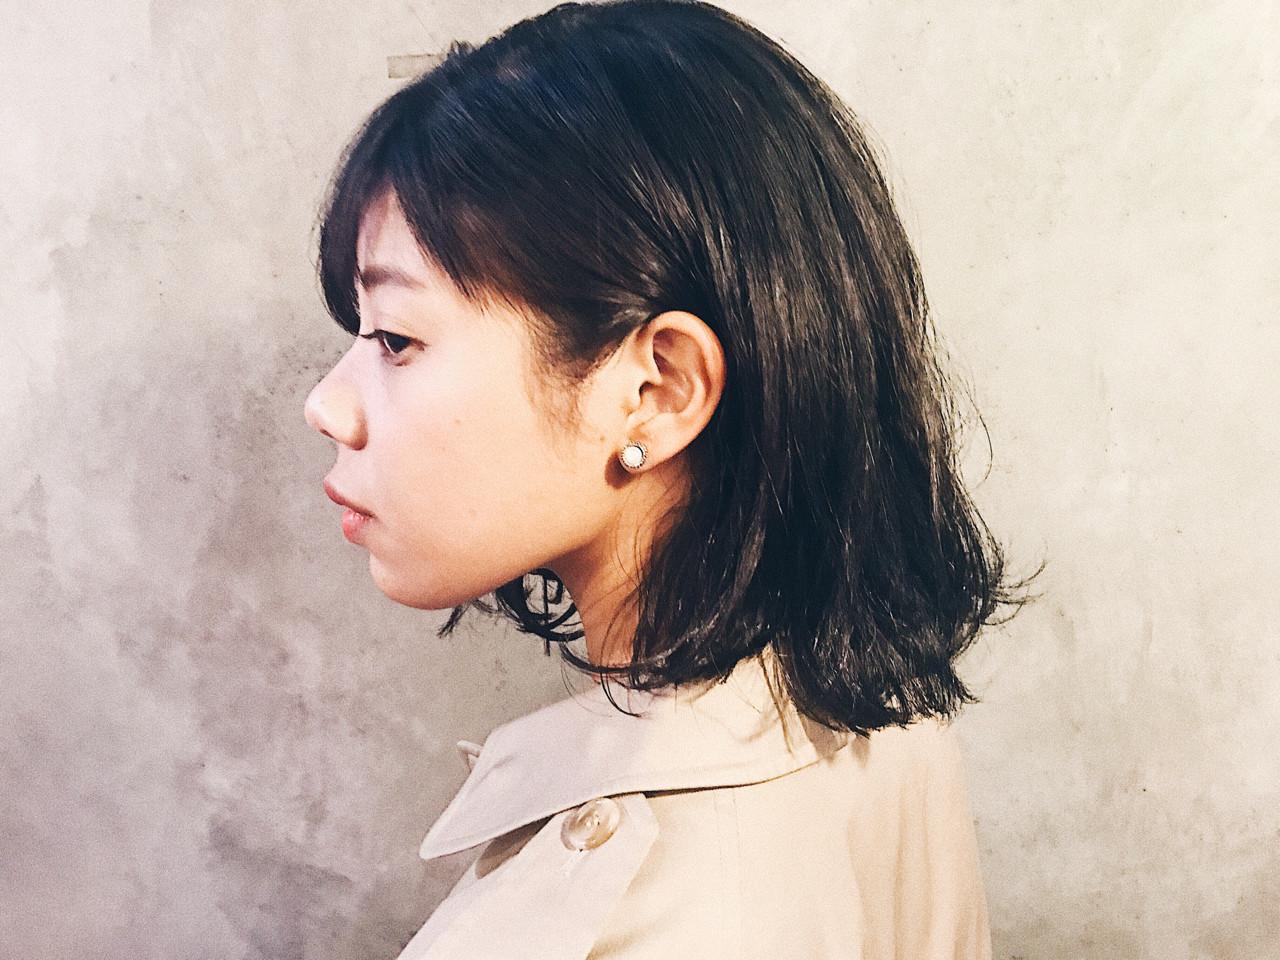 切りっぱなし 大人女子 ウェットヘア ボブ ヘアスタイルや髪型の写真・画像 | 木藤裕作 / temae